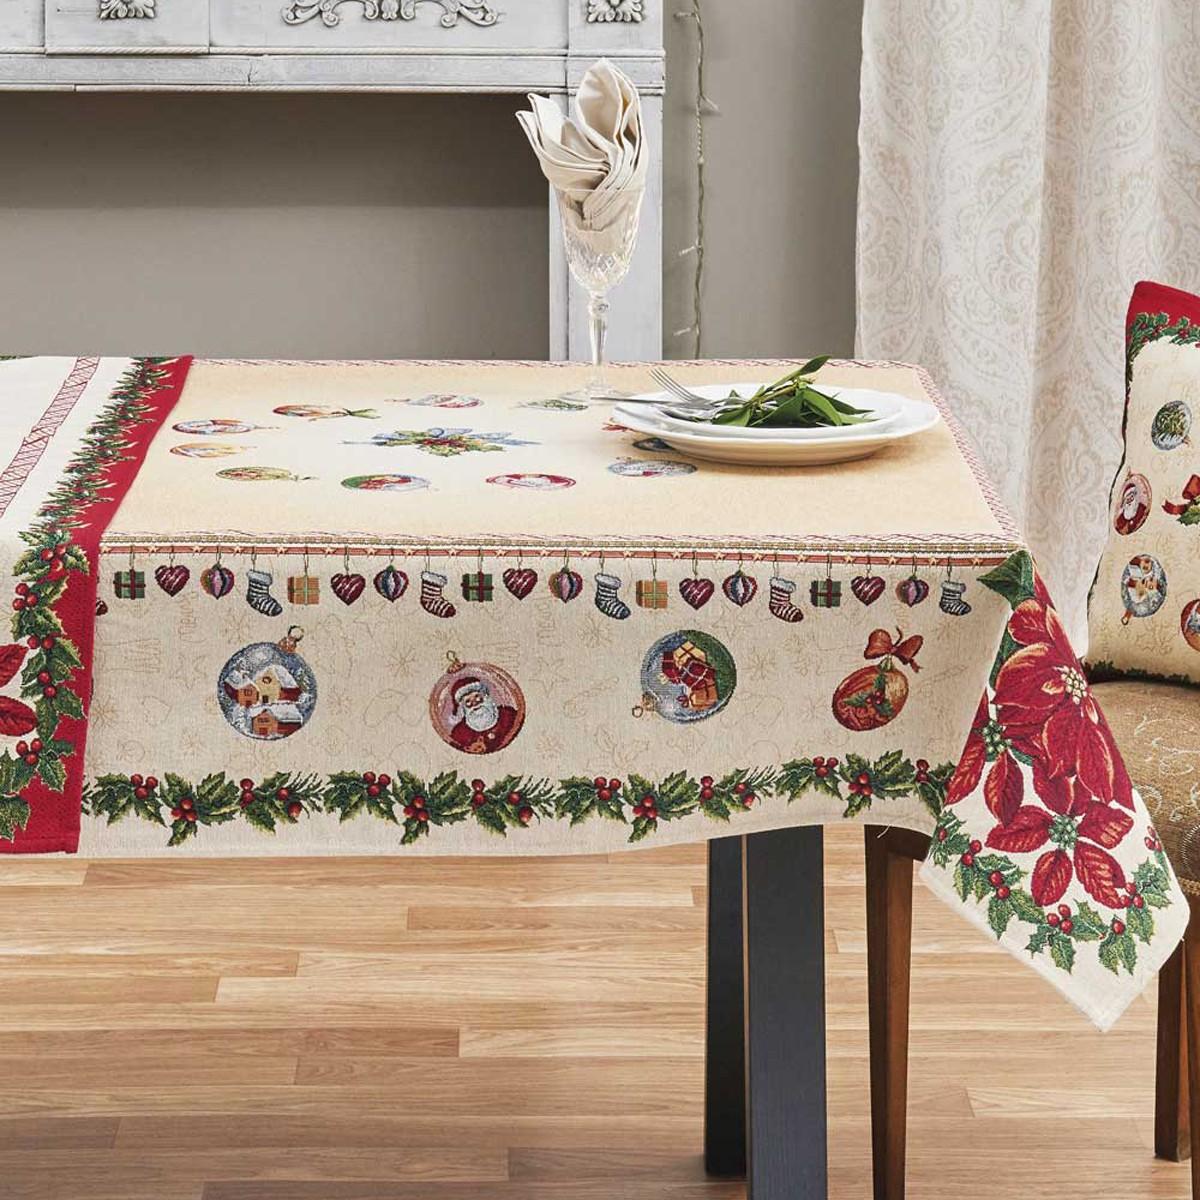 Χριστουγεννιάτικο Τραπεζομάντηλο (135×135) Kentia Made Natale 12